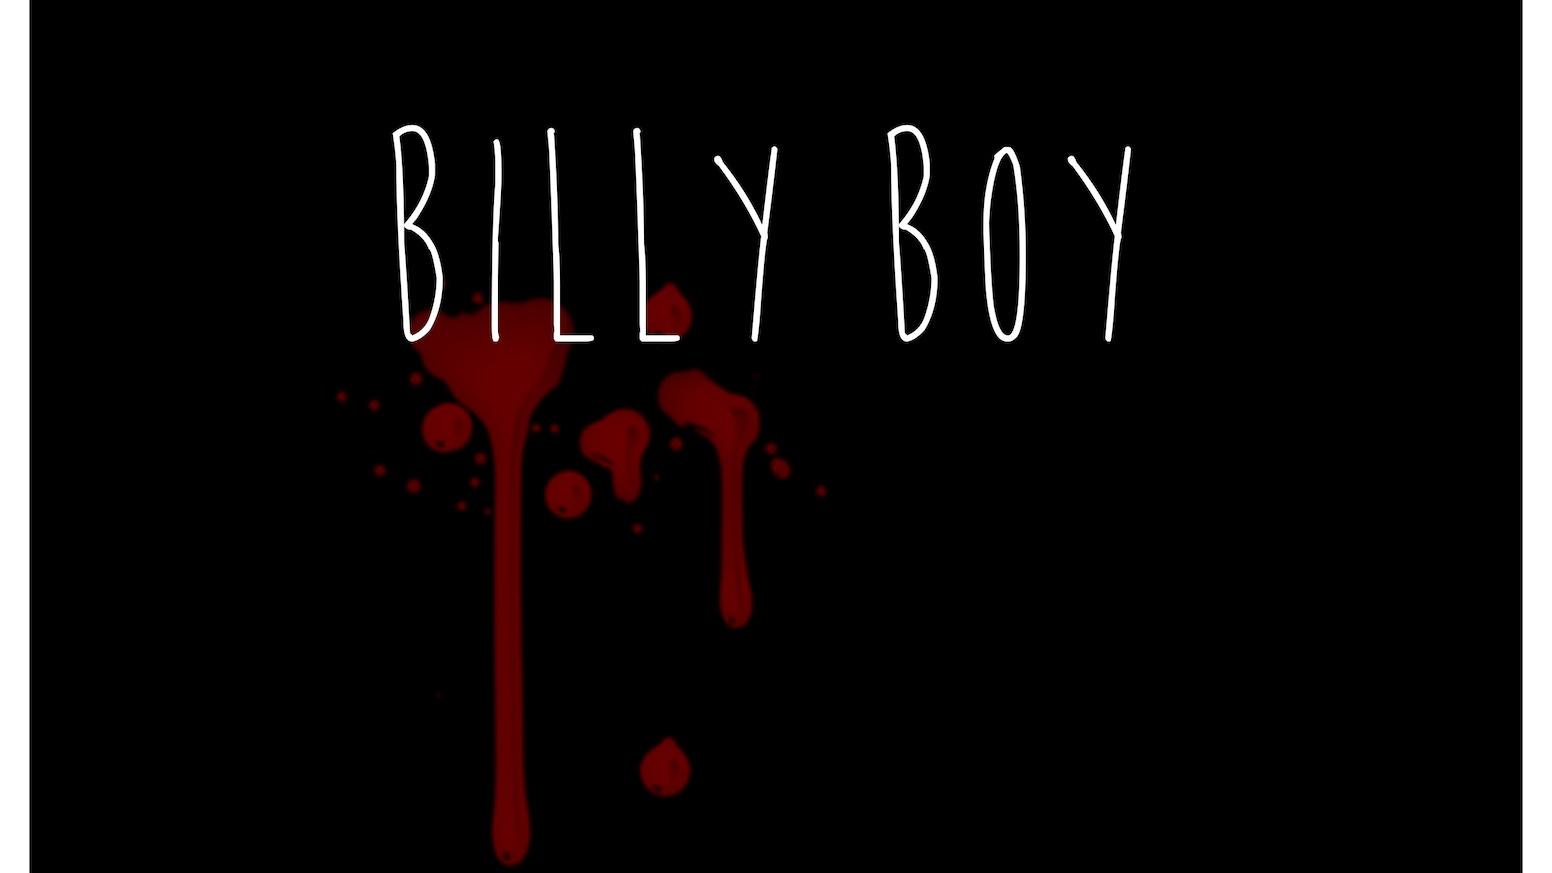 BILLY BOY by Blake Jenner — Kickstarter